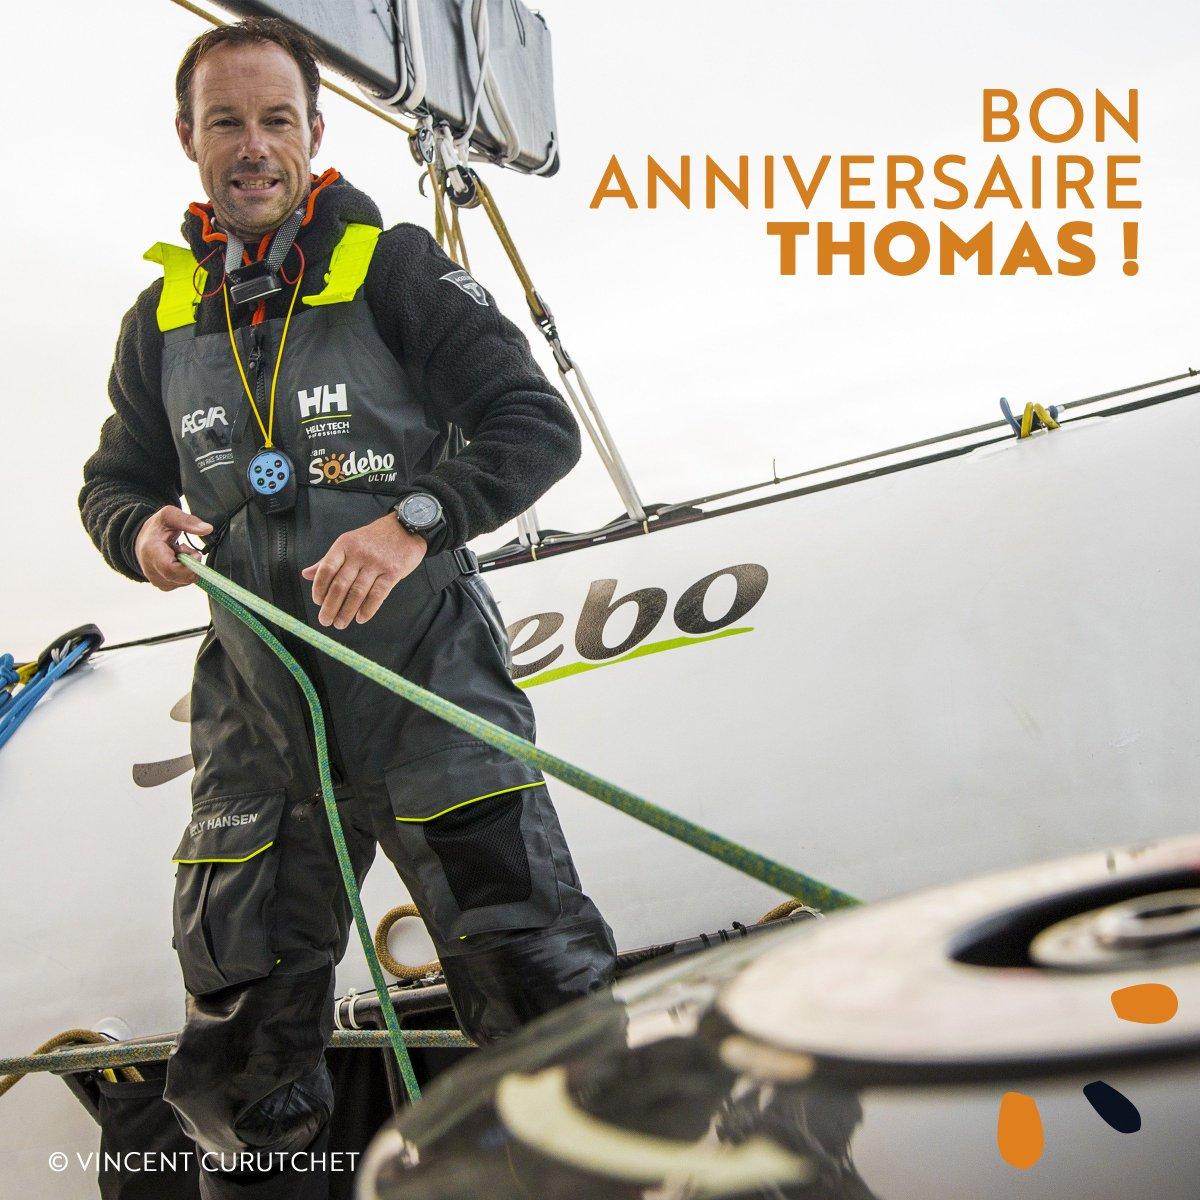 Bon anniversaire à notre skipper Thomas Coville qui fête aujourd\